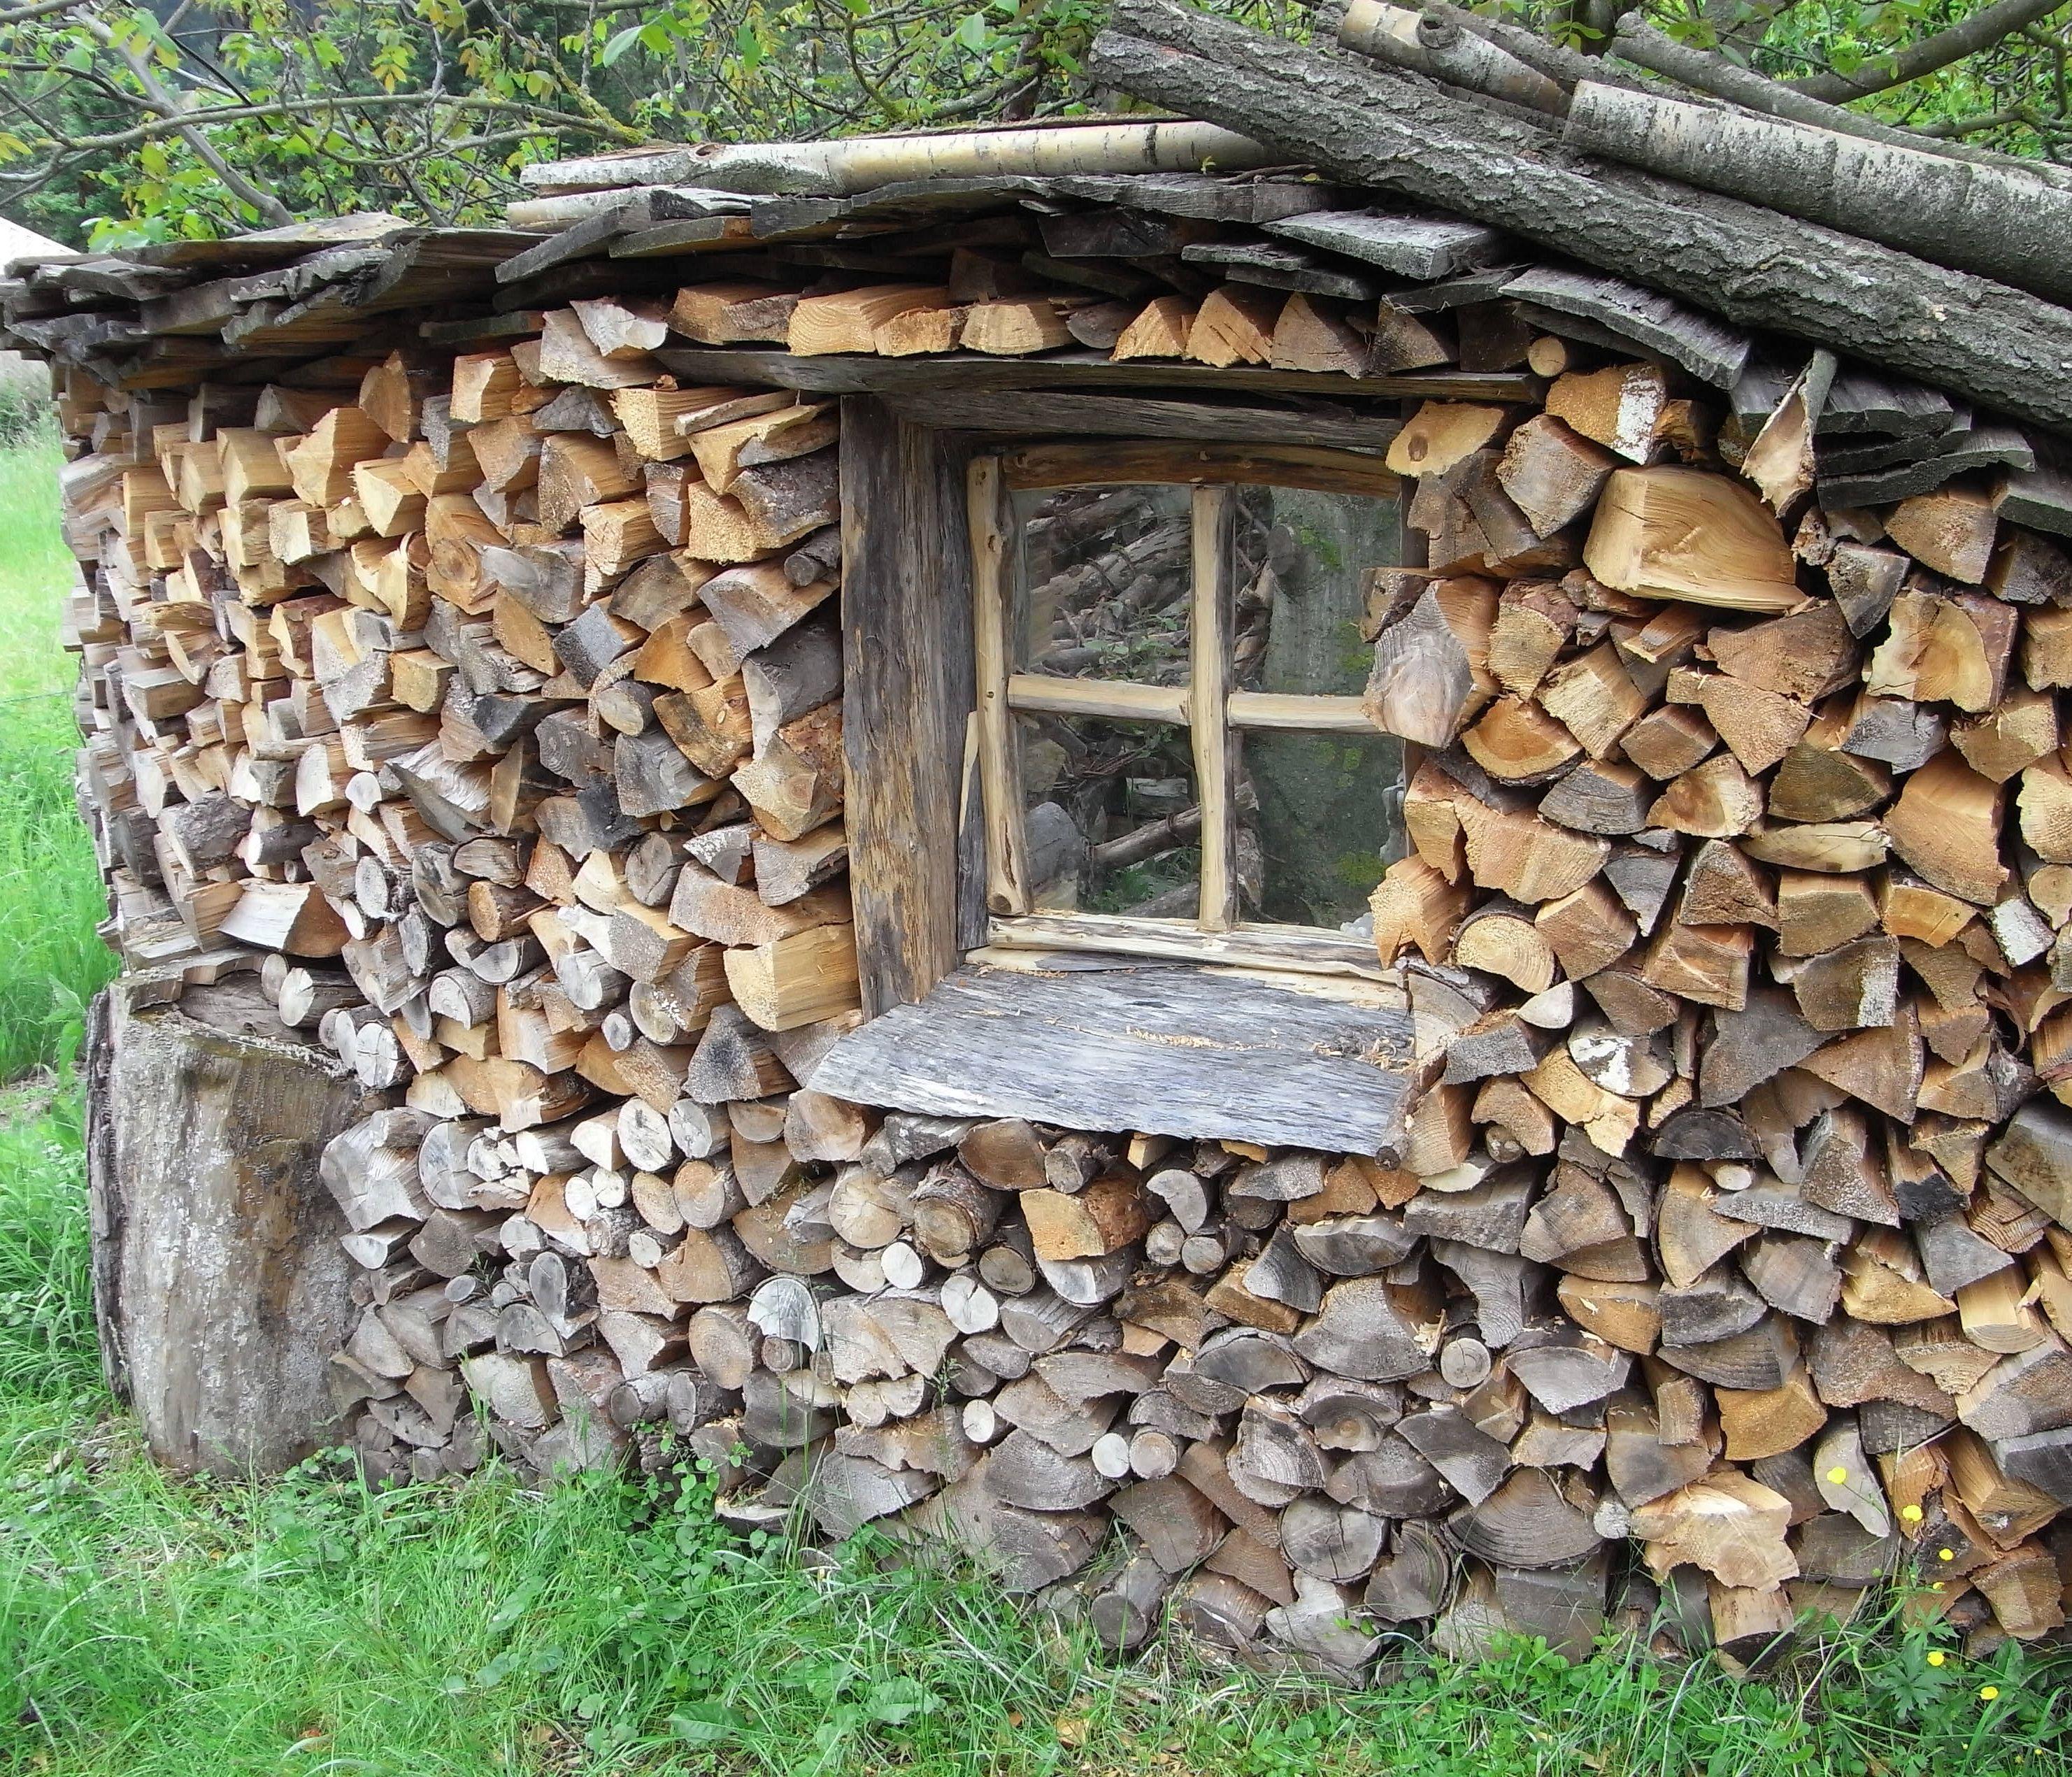 bildergebnis f r sichtschutz mit brennholz garten pinterest brennholz sichtschutz und g rten. Black Bedroom Furniture Sets. Home Design Ideas